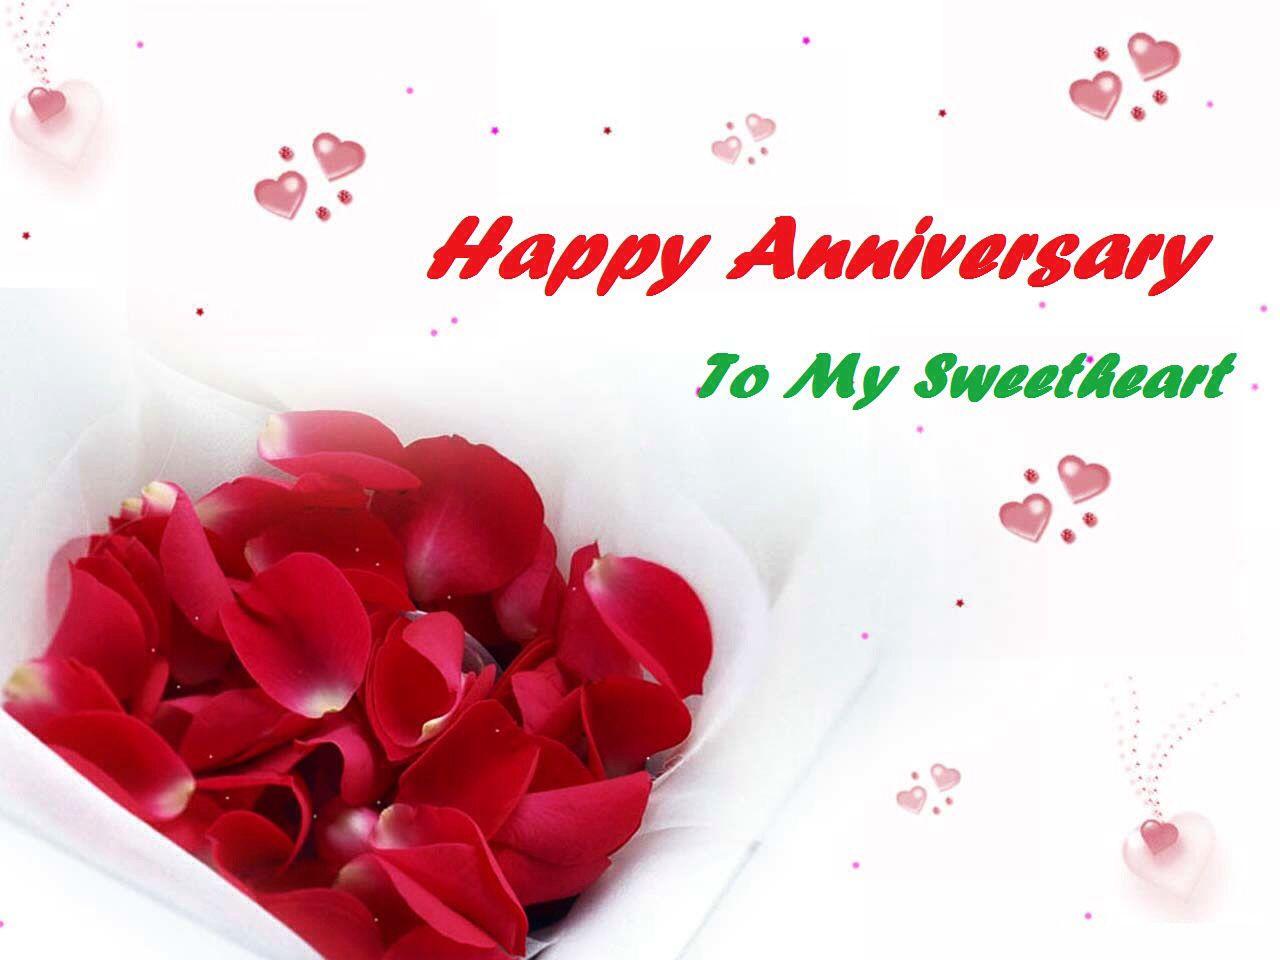 Happy anniversary to my sweetheart tjn happy anniversary happy anniversary to my sweetheart tjn altavistaventures Images